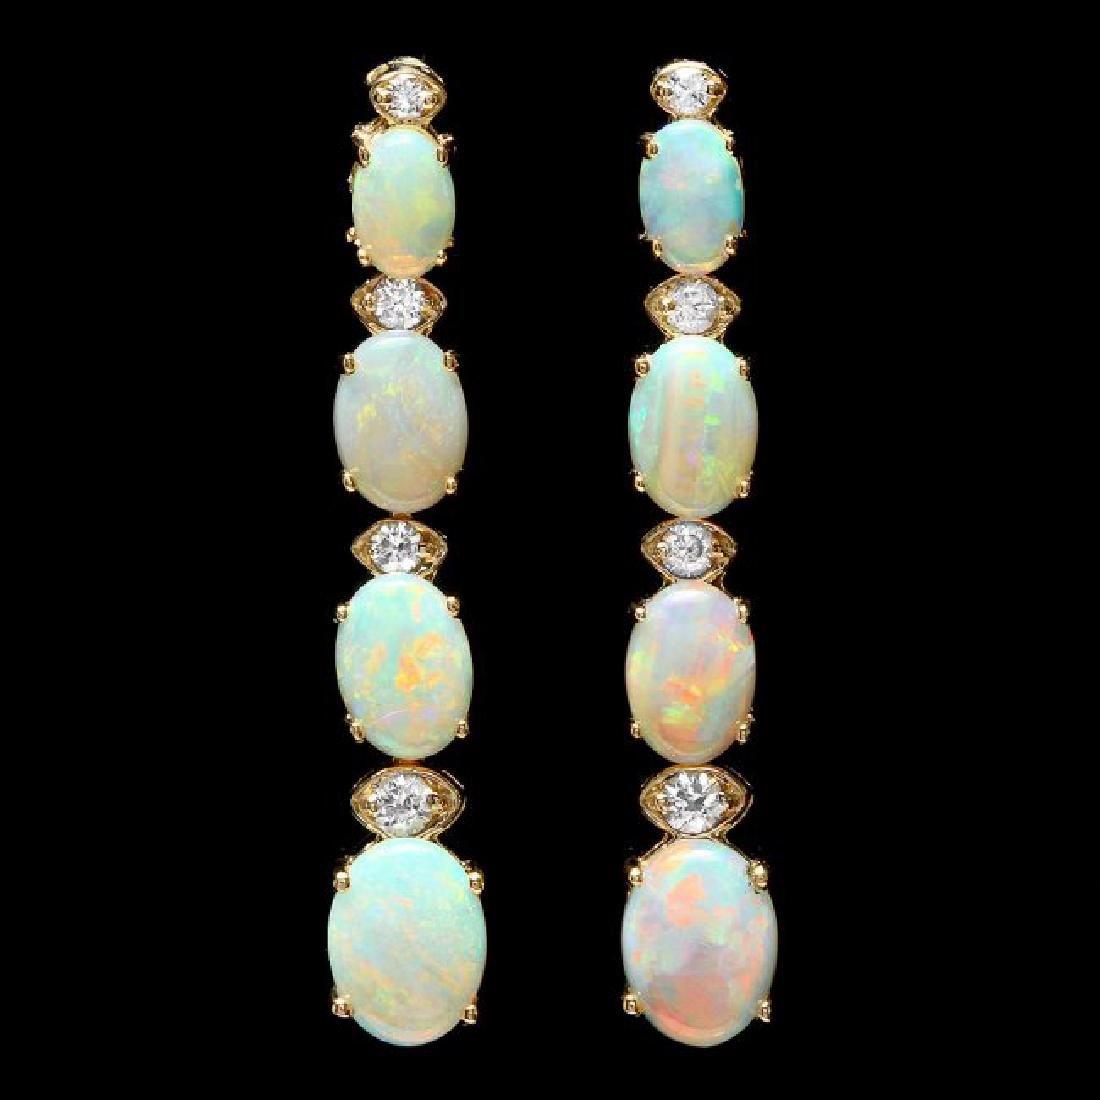 14k Gold 3.50ct Opal 0.35ct Diamond Earrings